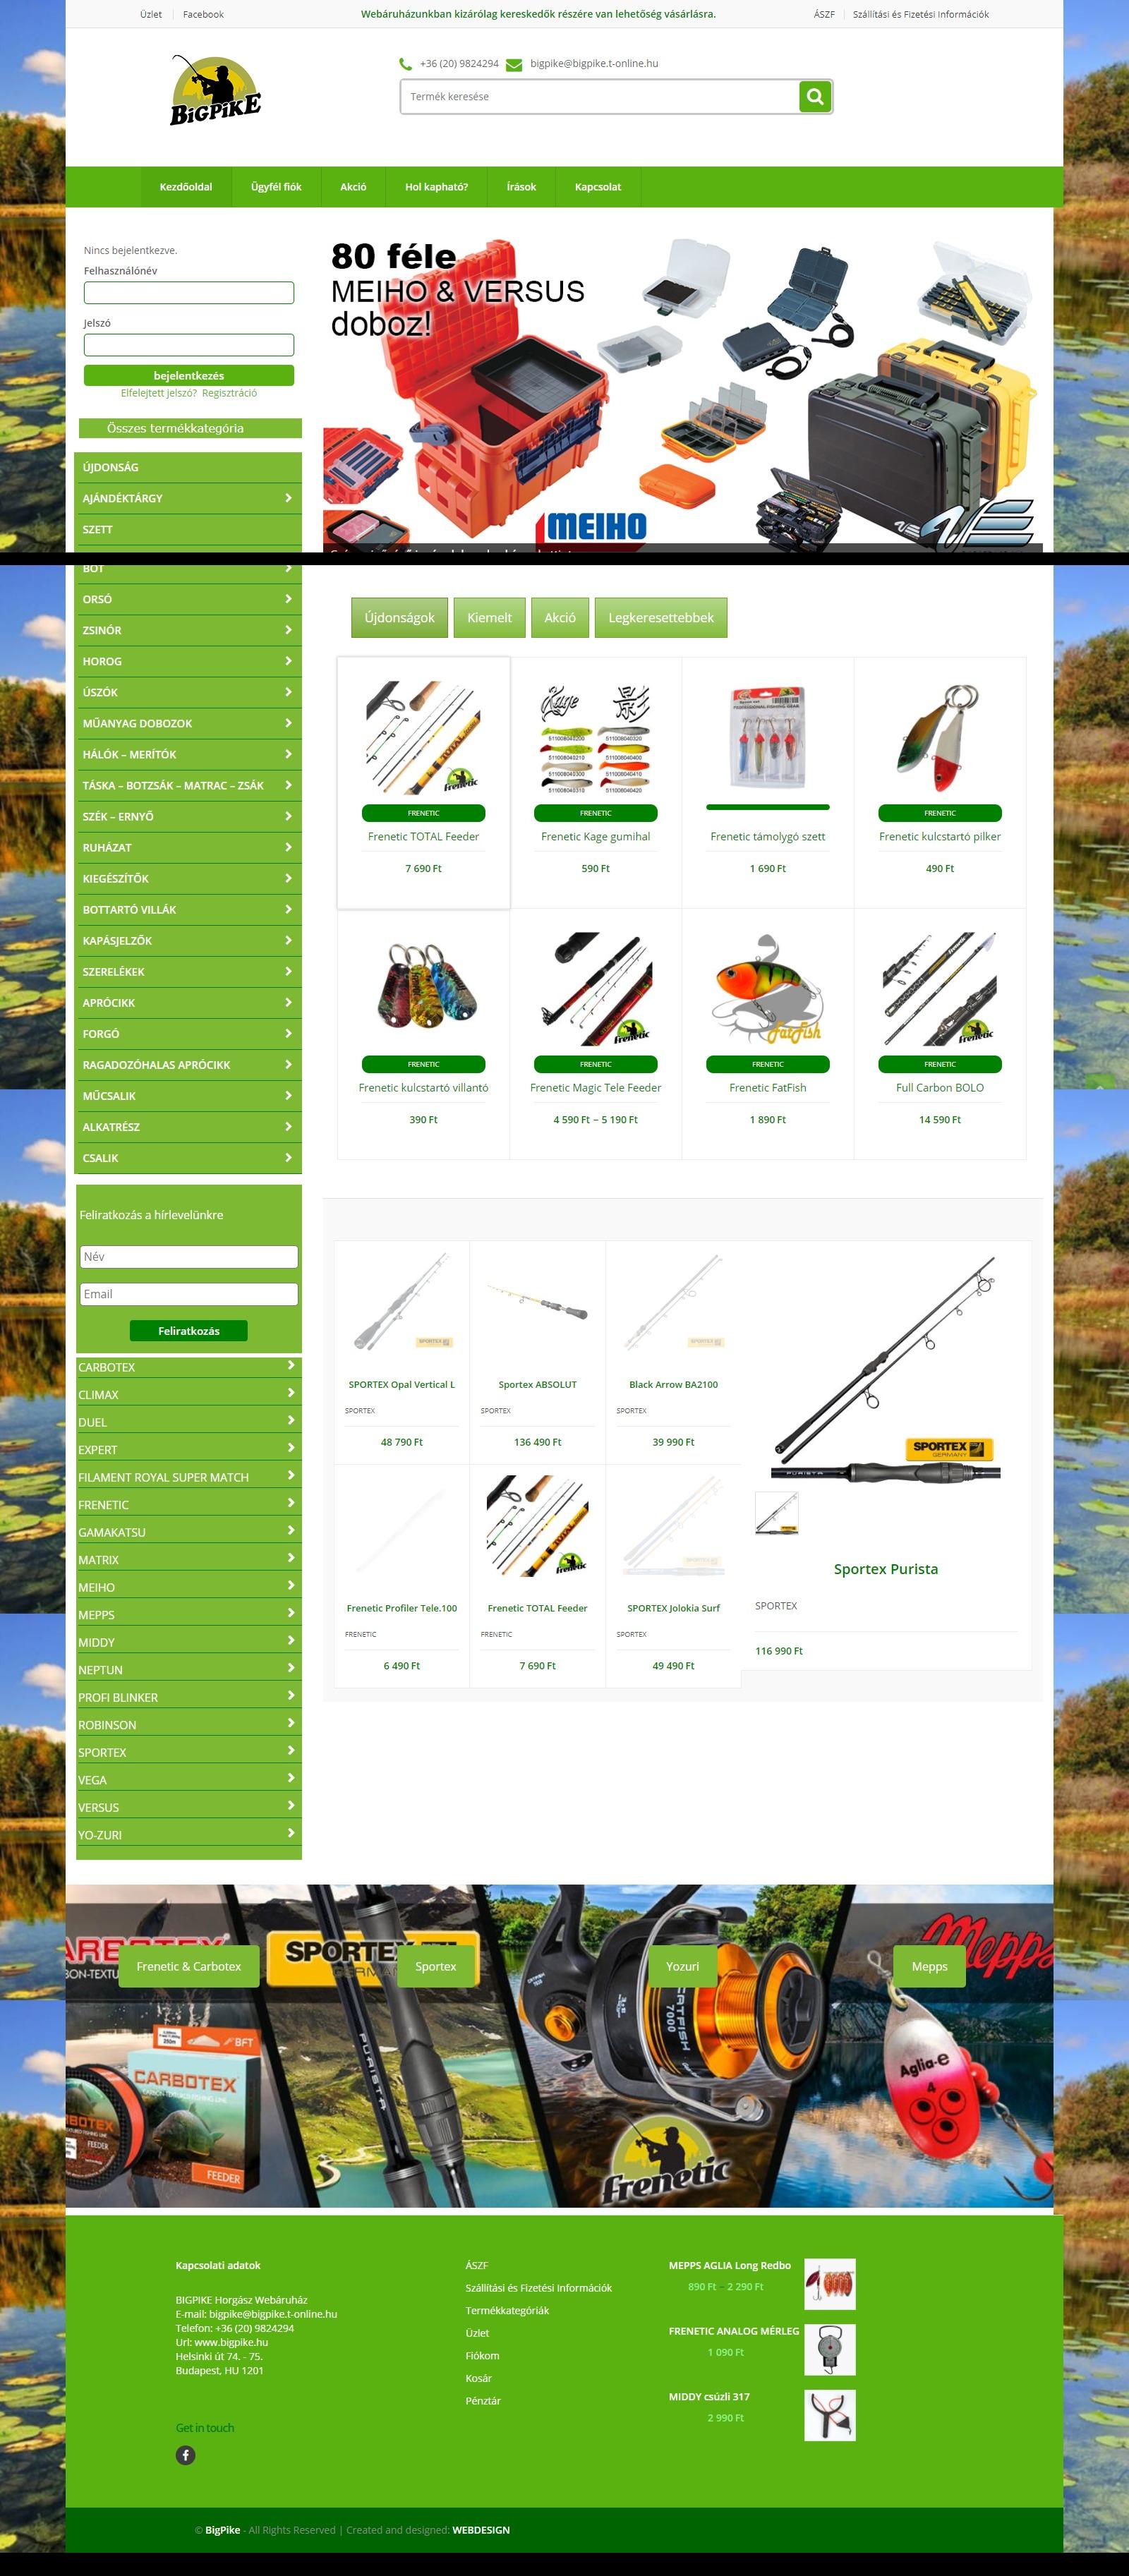 Bigpike Nagykereskedelmi Horgász Webáruház - Bigpike Nagykereskedelmi Horgász Webáruház